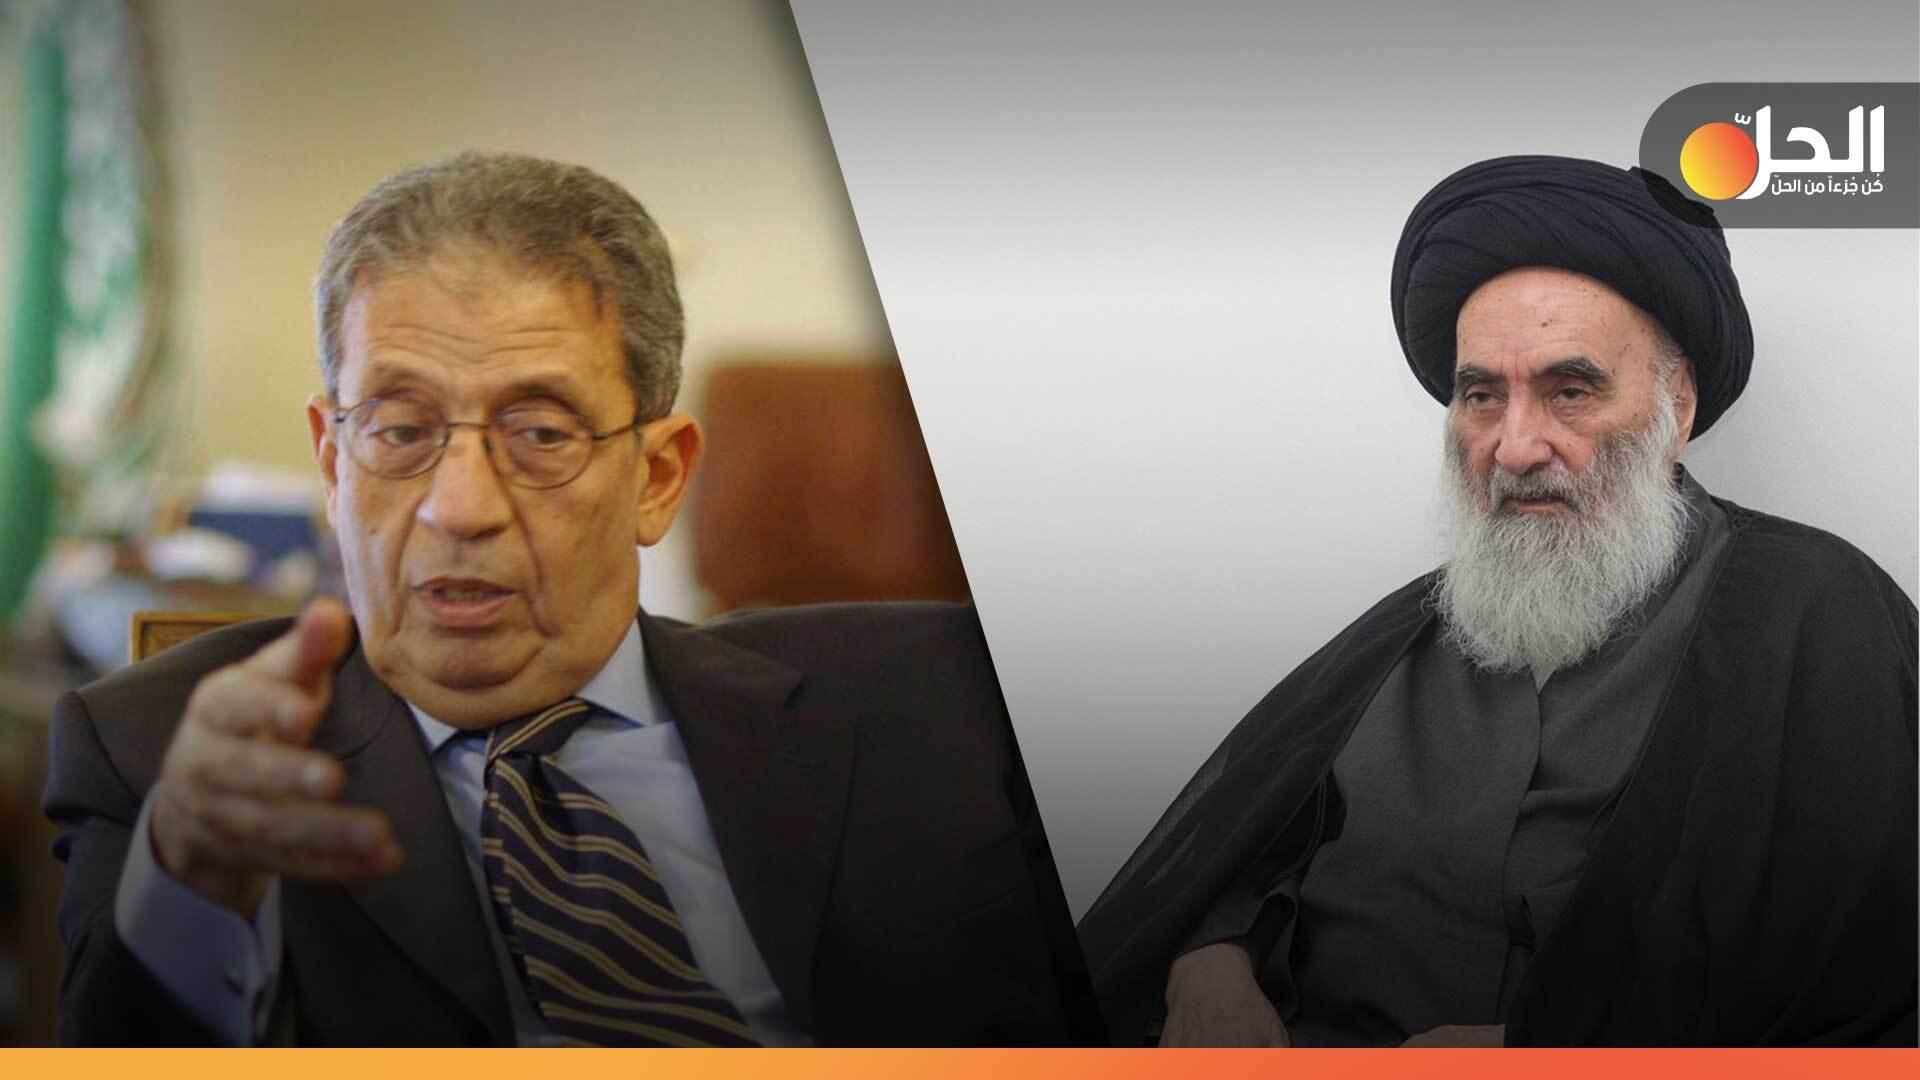 عمرو موسى: السيستاني طلب عدم إلقاء العراق في أحضان إيران